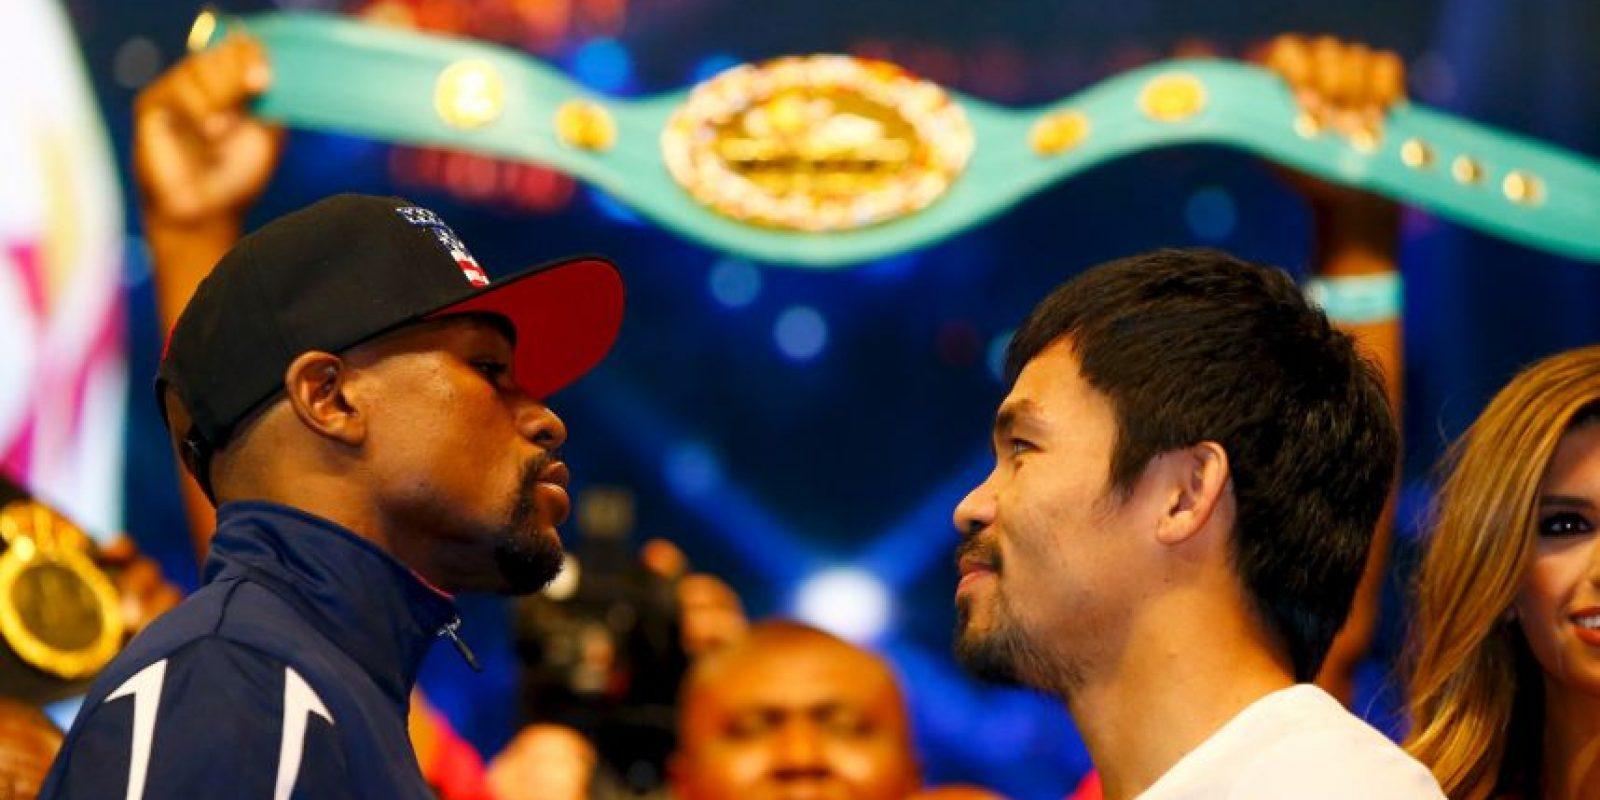 La bolsa garantizada es de 200 millones de dólares. Foto:Vía facebook.com/WBCBOXING